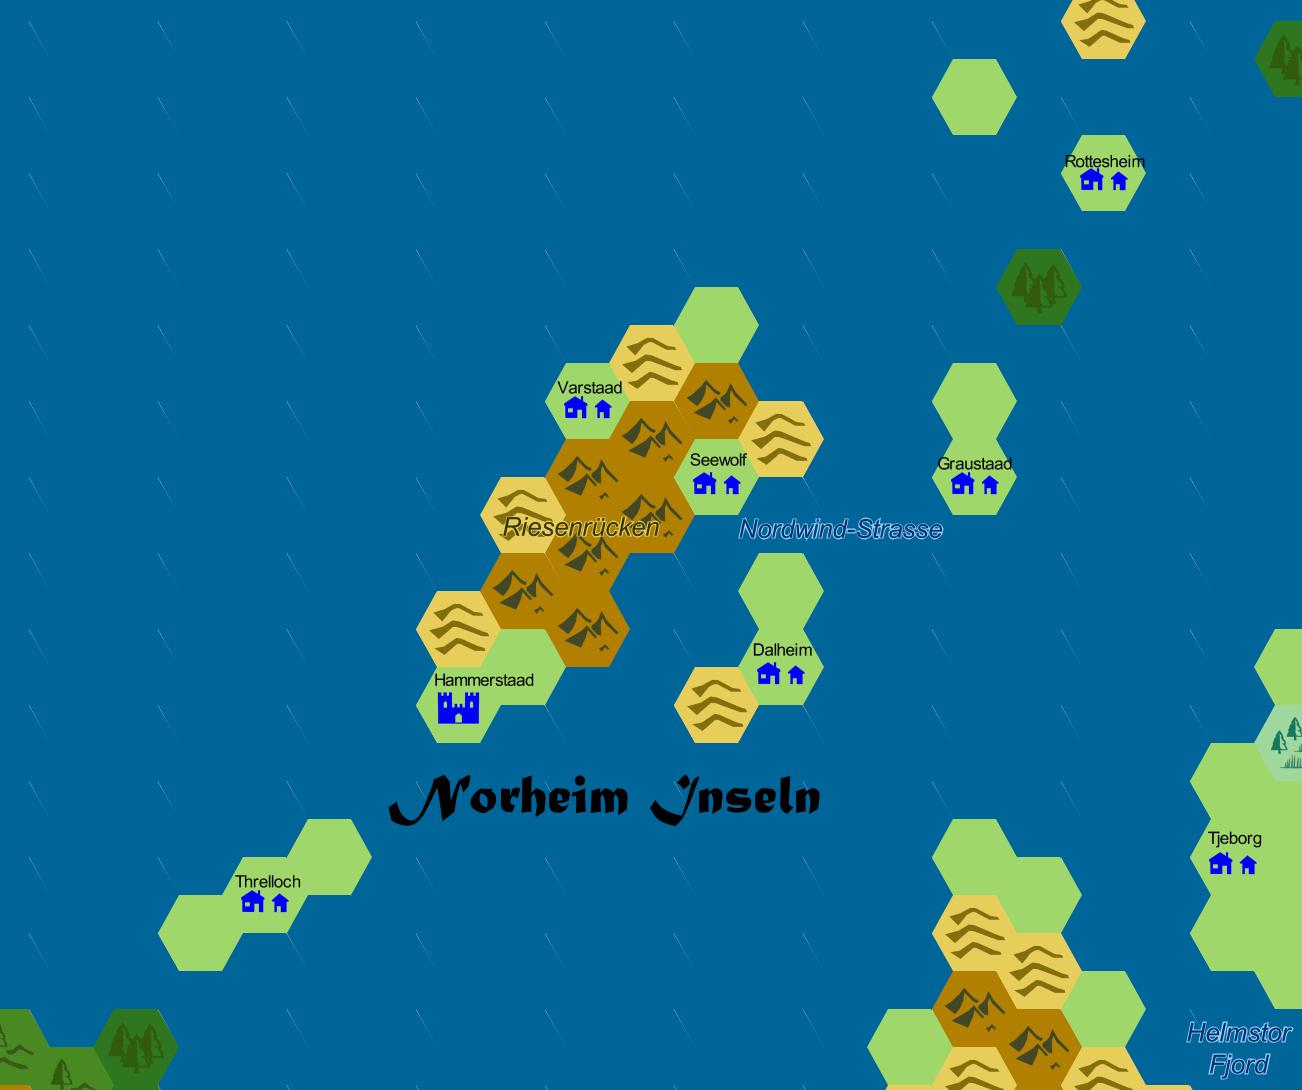 NorheimInseln